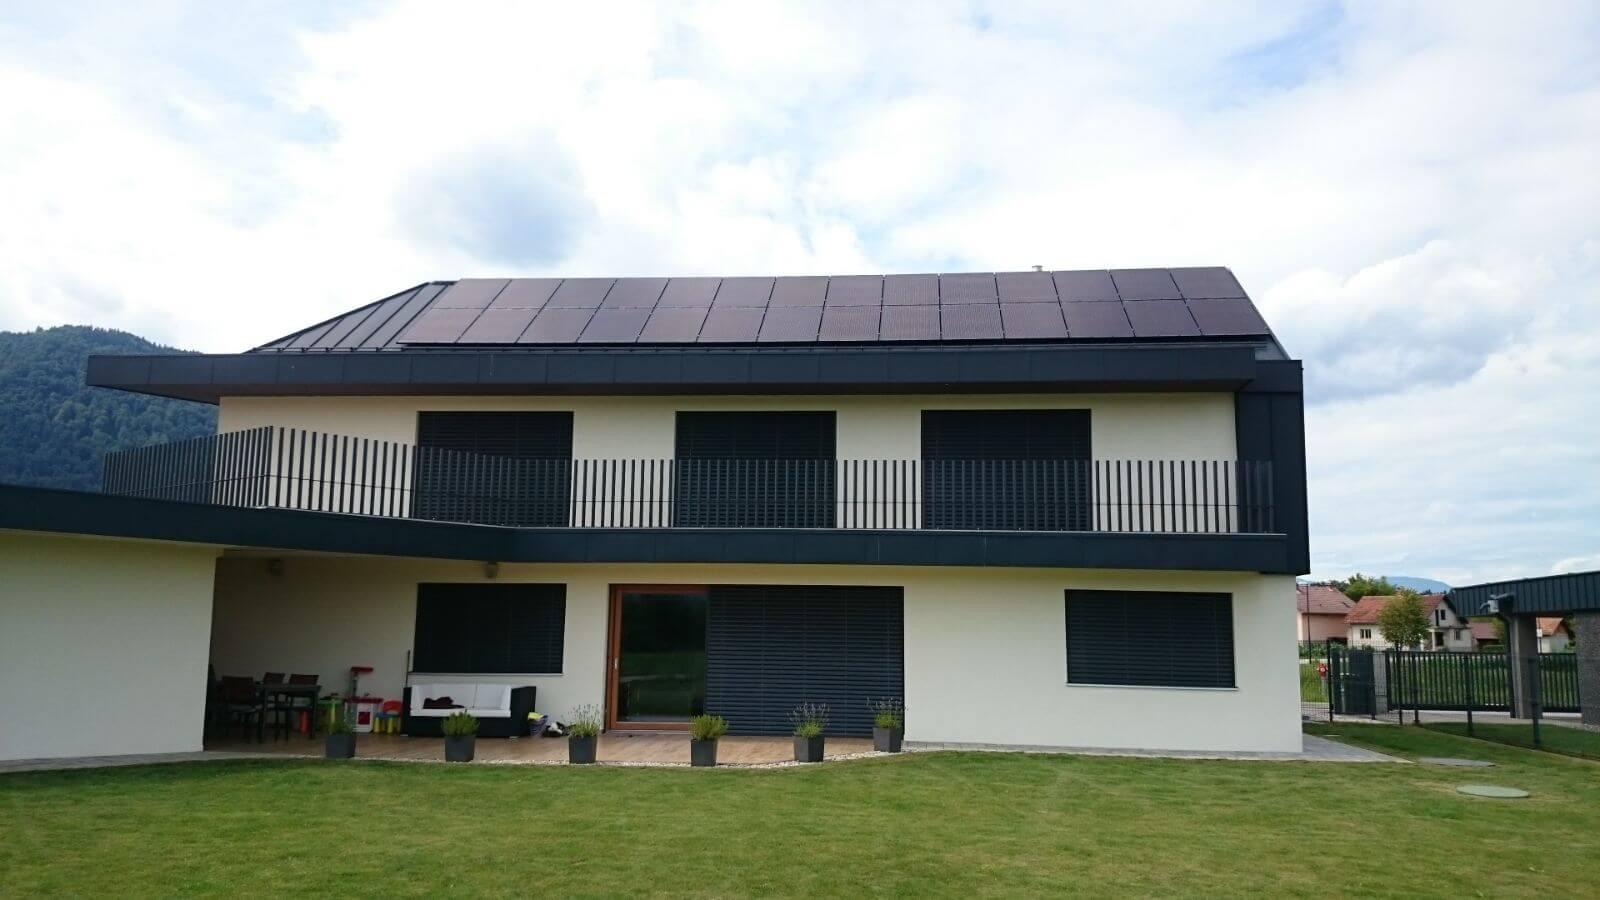 Sončna elektrarna OPSEN